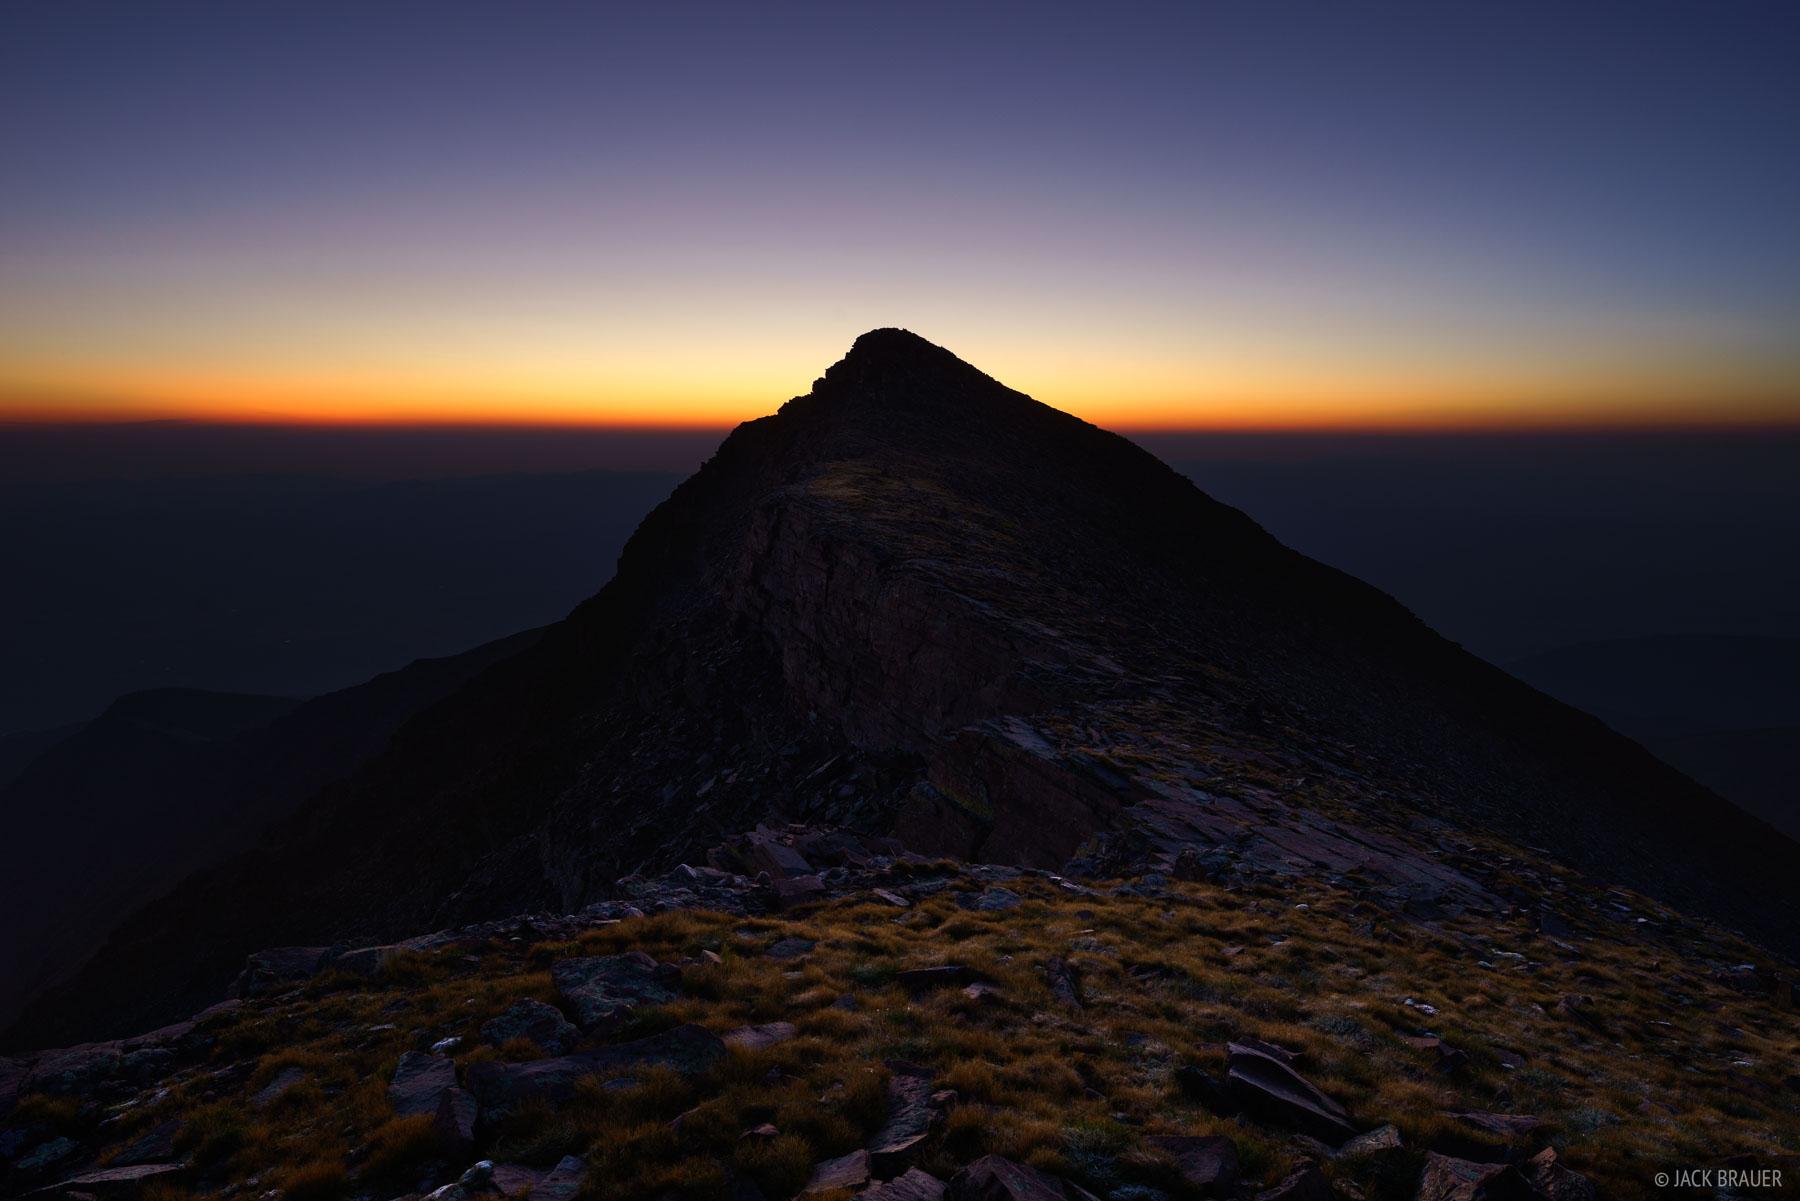 Colorado, Humboldt Peak, Sangre de Cristos, 14er, sunrise, Sangre de Cristo Wilderness, photo